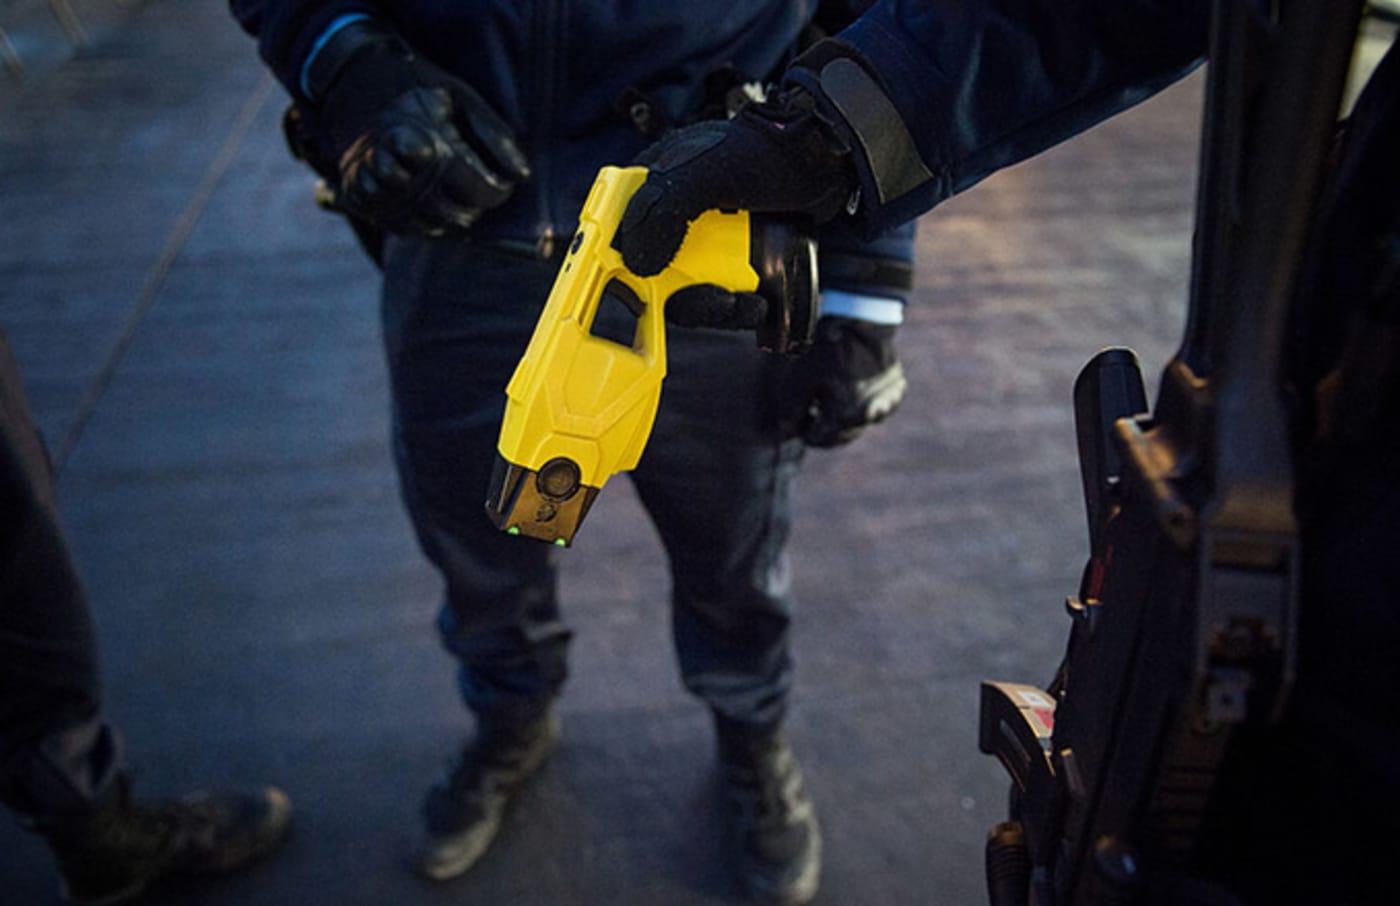 This is a photo of Stun Gun.